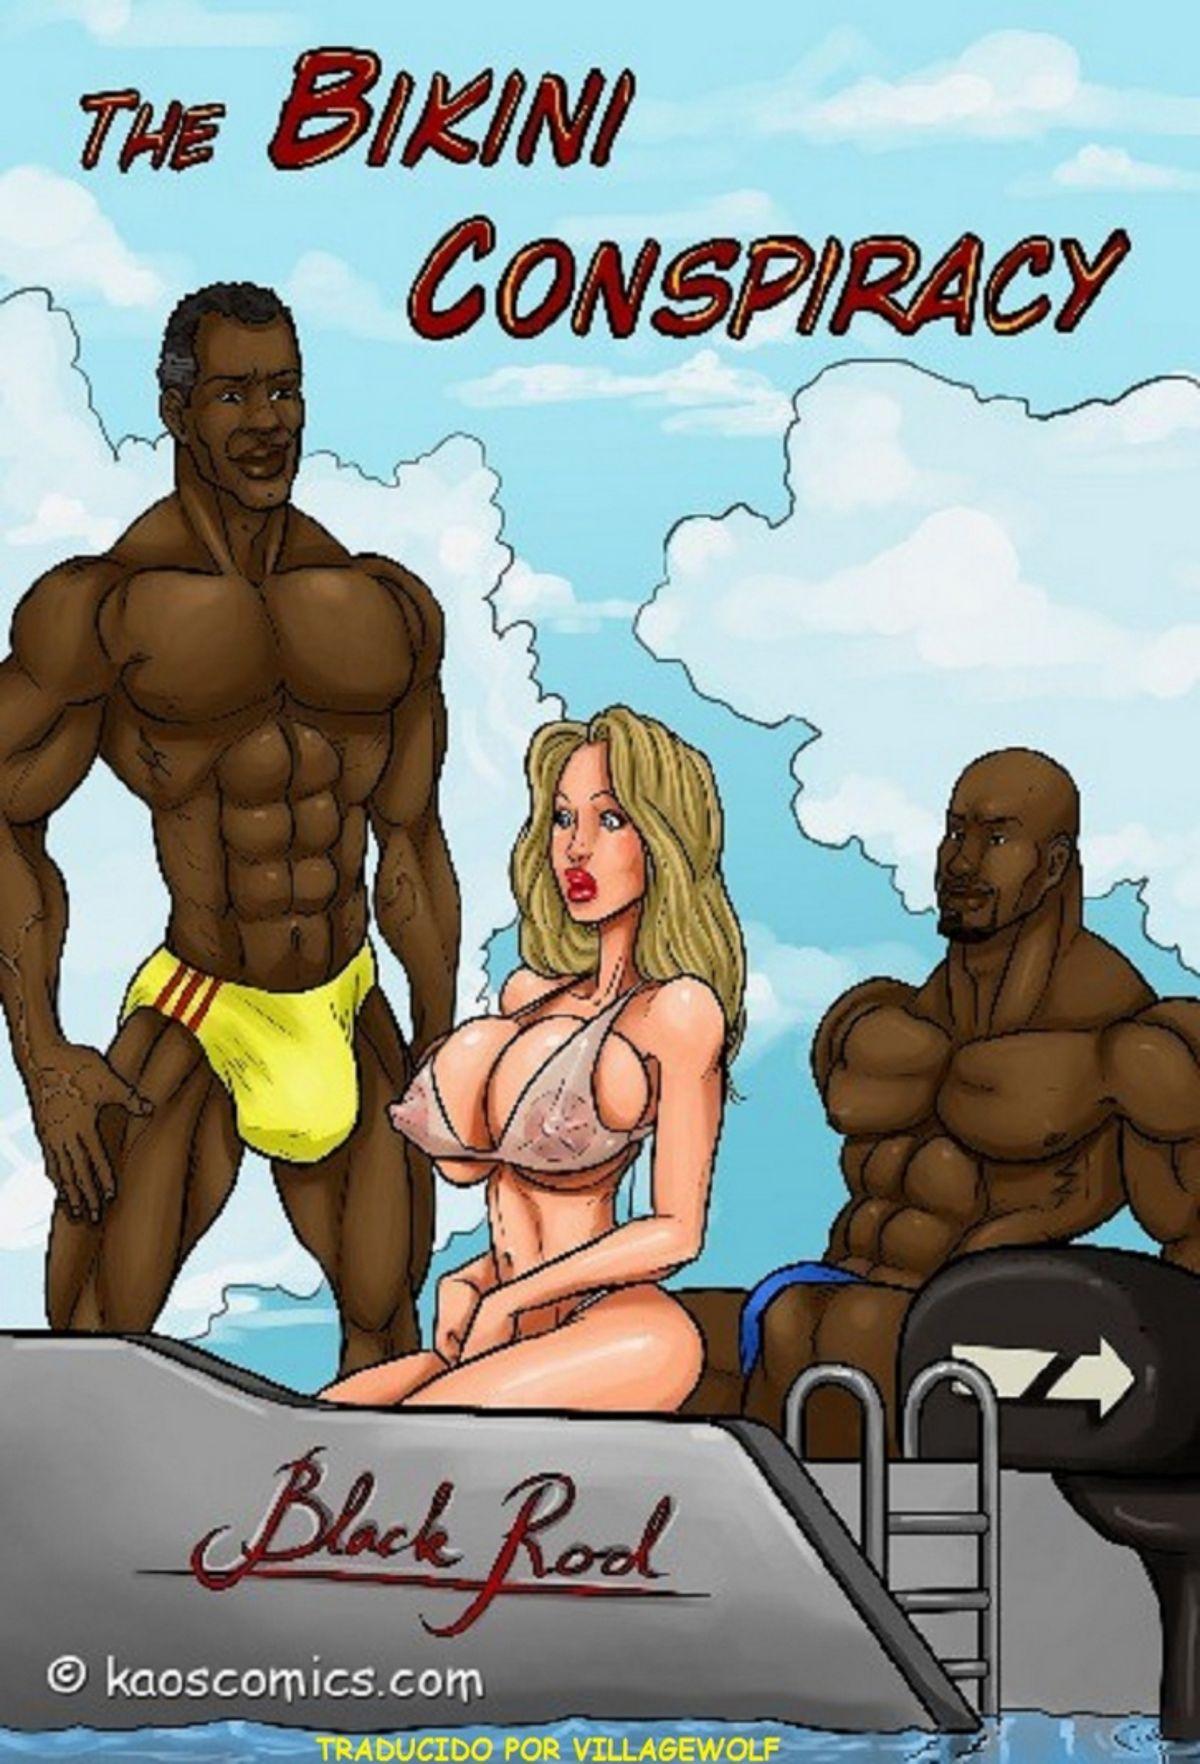 Conspiración bikini, cómic porno interracial. 01